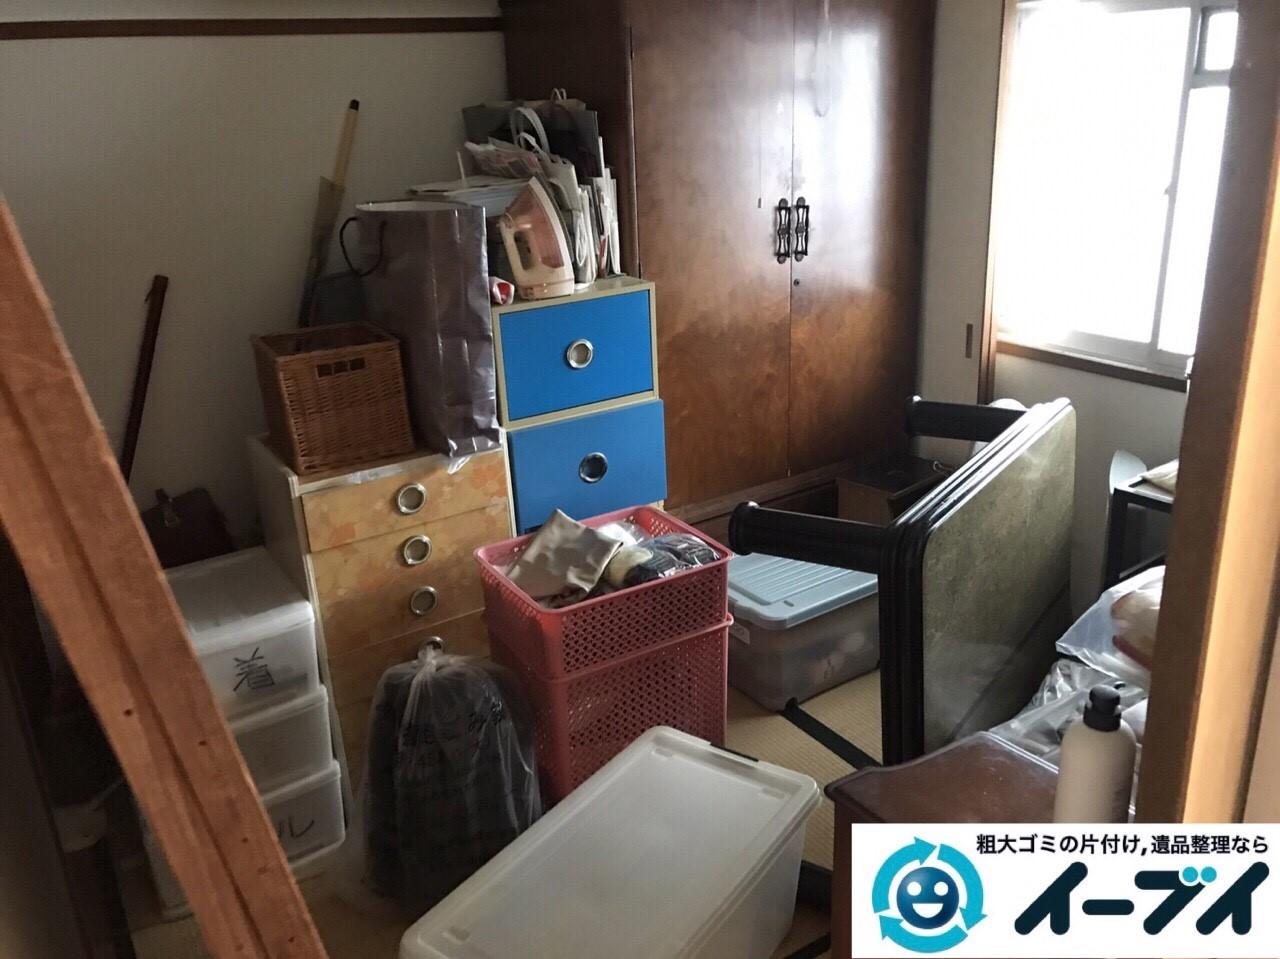 2017年9月3日大阪府大阪市大正区で遺品整理に伴い婚礼家具や粗大ゴミの処分と遺品処分をしました。写真7